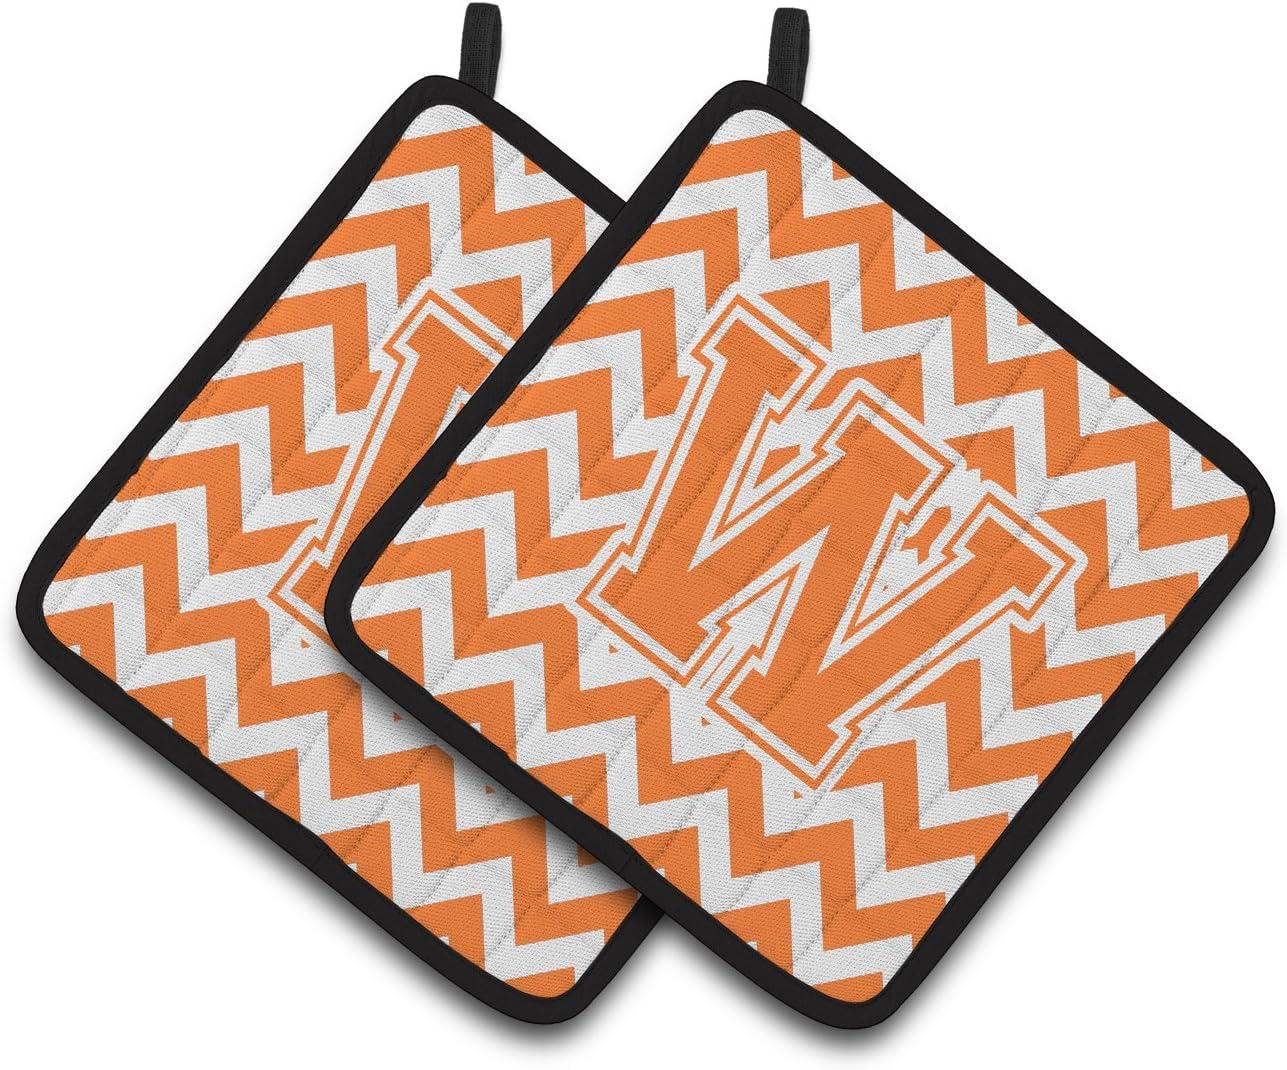 Multicolor Carolines Treasures Letter W Chevron Orange /& White Pair of Pot Holders CJ1046-WPTHD 7.5HX7.5W